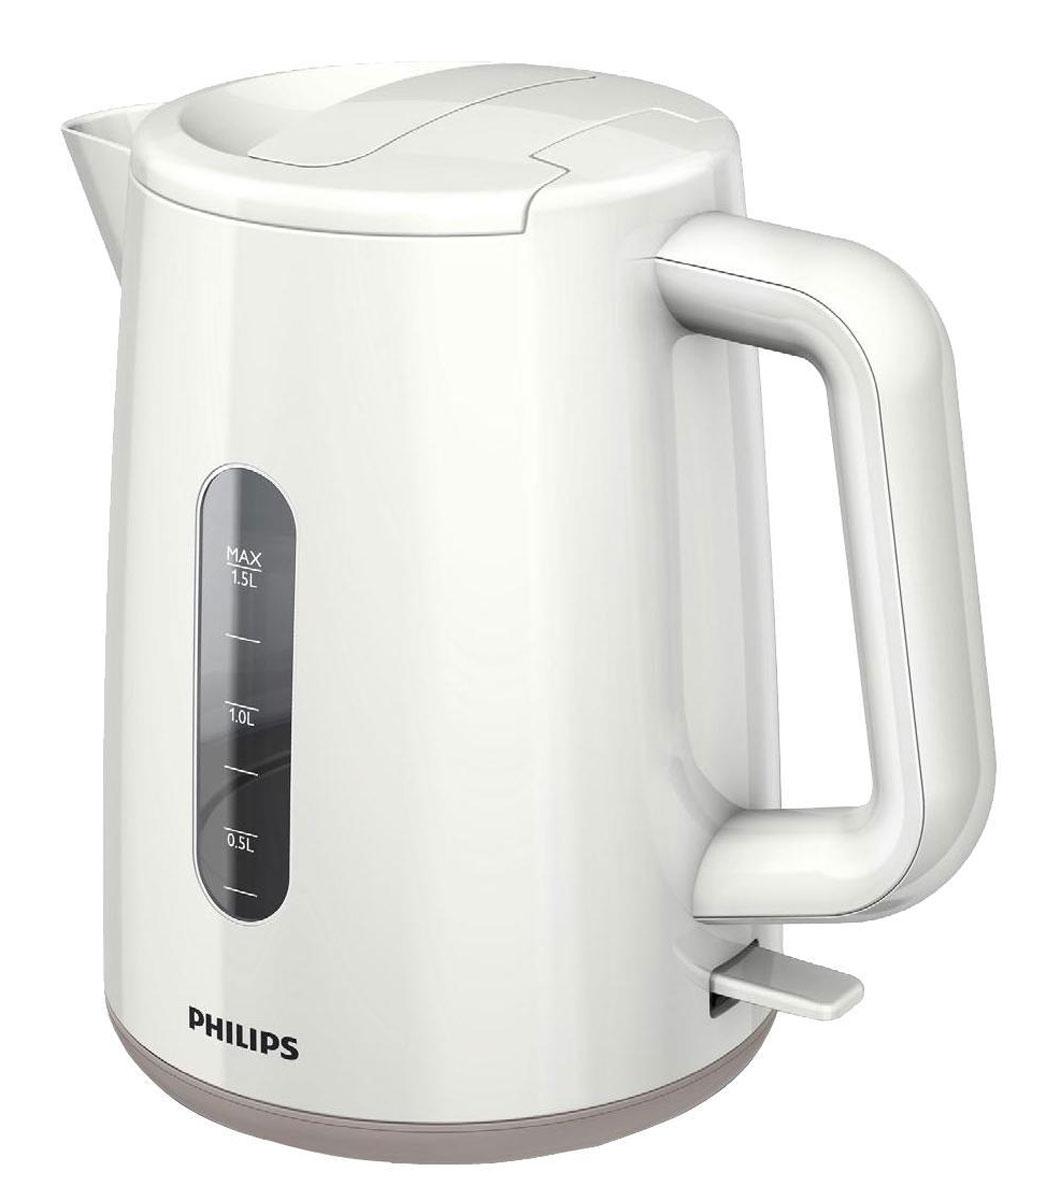 Philips HD9300/00 электрочайникHD9300/00Не правда ли, здорово за считаные секунды вскипятить воду и без лишних усилий очистить чайник? Плоский и удобный в очистке нагревательный элемент позволяет быстро вскипятить воду. Благодаря моющемуся фильтру от накипи вода становится чистой, а напитки - без частиц известкового осадка. Удобное наполнение через носик/крышку Наполнить чайник можно через носик или открыв крышку. Широко открывающаяся откидная крышка для удобства наполнения и чистки чайника Широко открывающаяся откидная крышка для удобства наполнения и чистки чайника исключает контакт с паром. Индикаторы уровня воды с двух сторон чайника Индикаторы уровня воды по обеим сторонам электрического чайника Philips будут удобны и для правшей, и для левшей. Катушка для удобного хранения шнура Шнур оборачивается вокруг основания, что позволяет легко разместить чайник на кухне. Беспроводная подставка с поворотом на 360° для удобства использования. ...